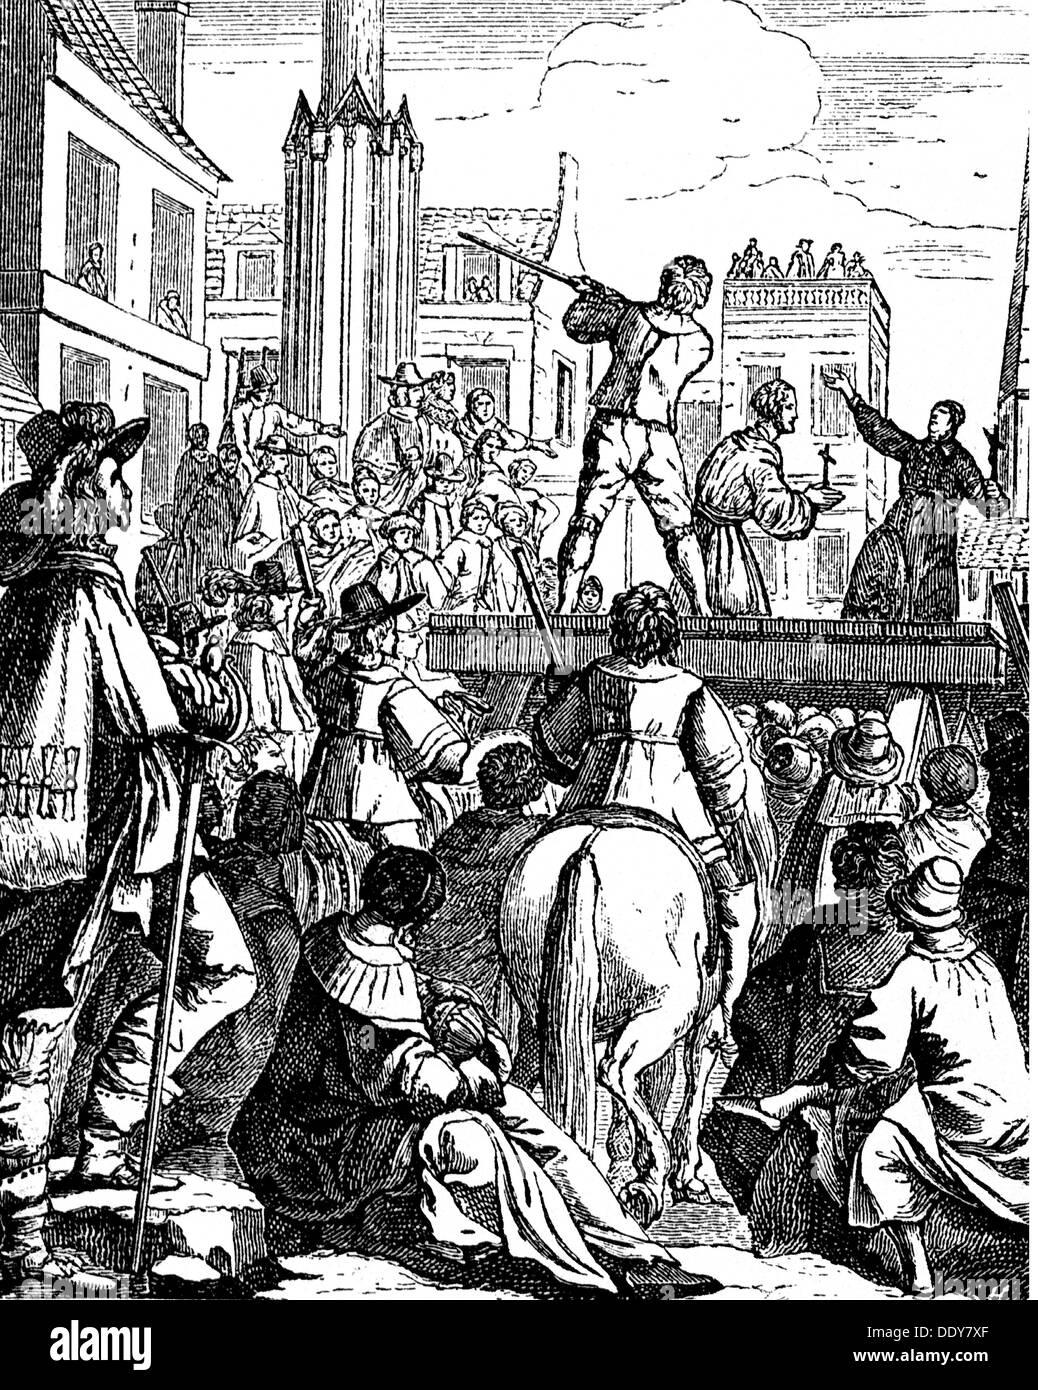 Talleyrand-Périgord, Count of Chalais, Henri de, 1599 - 19.8.1626, French  courtier, death, execution in Nantes, contemporary copper engraving, ...